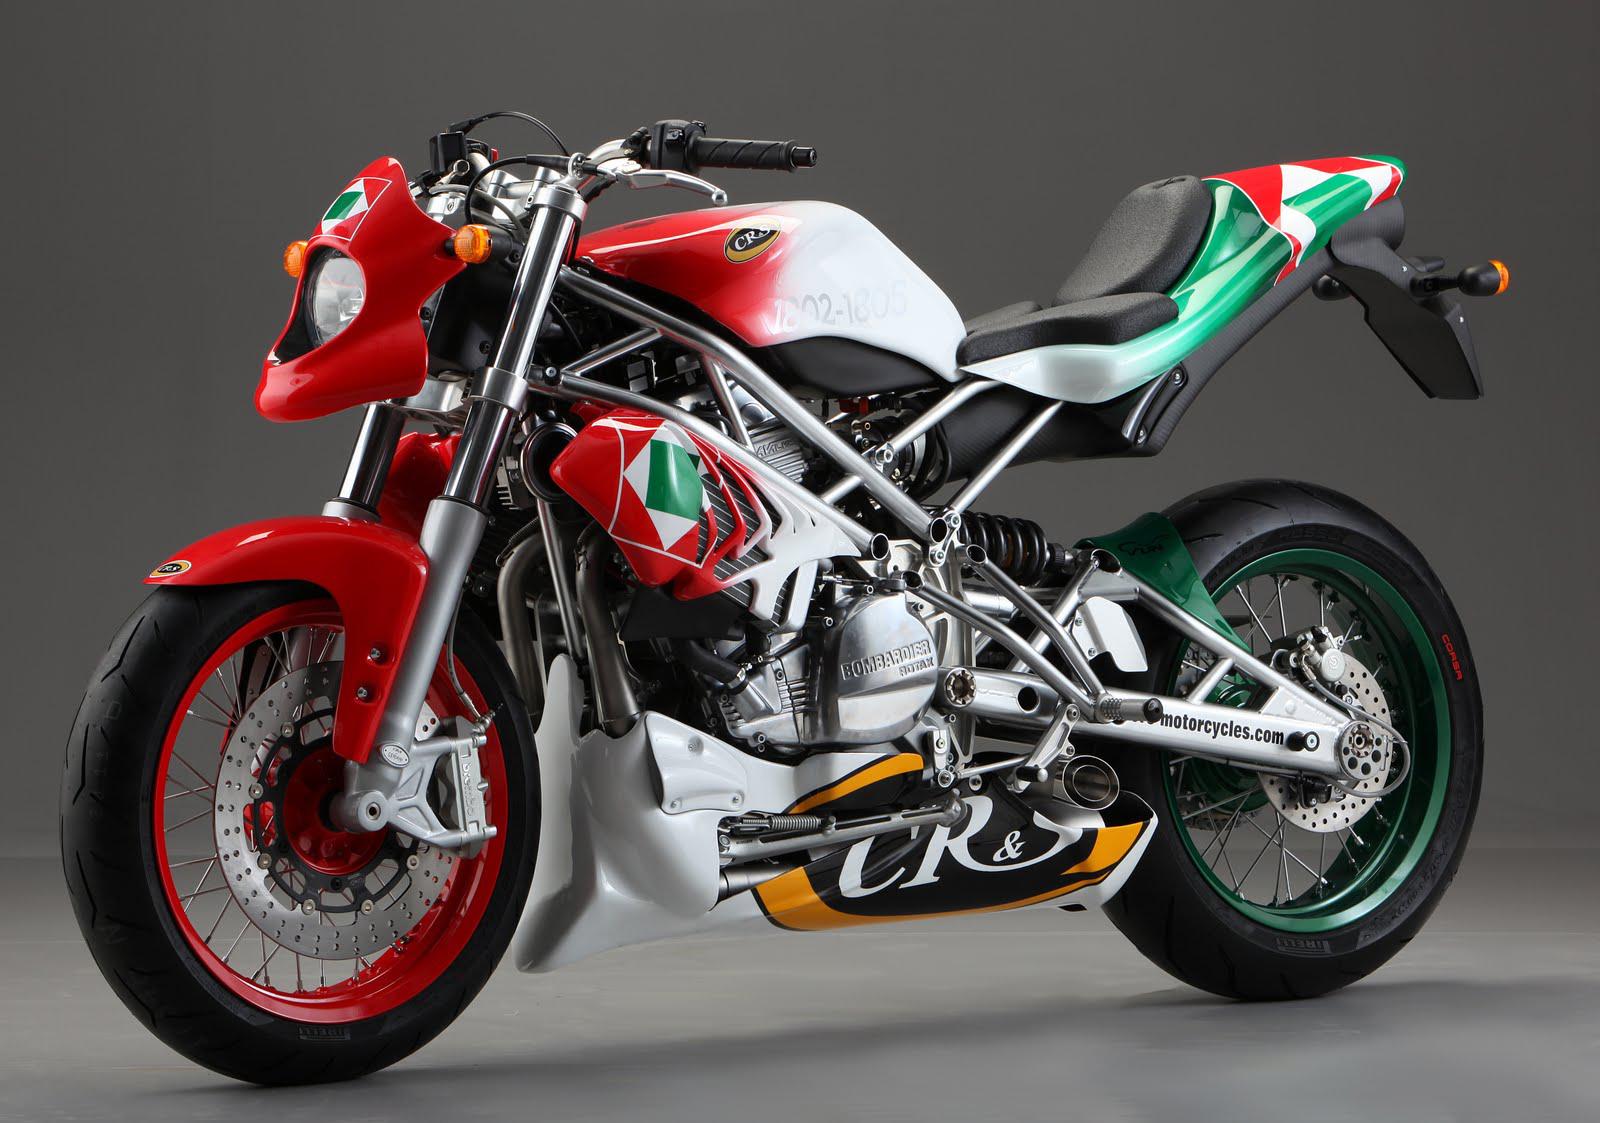 CR&S DUU Motorcycle News - Top Speed